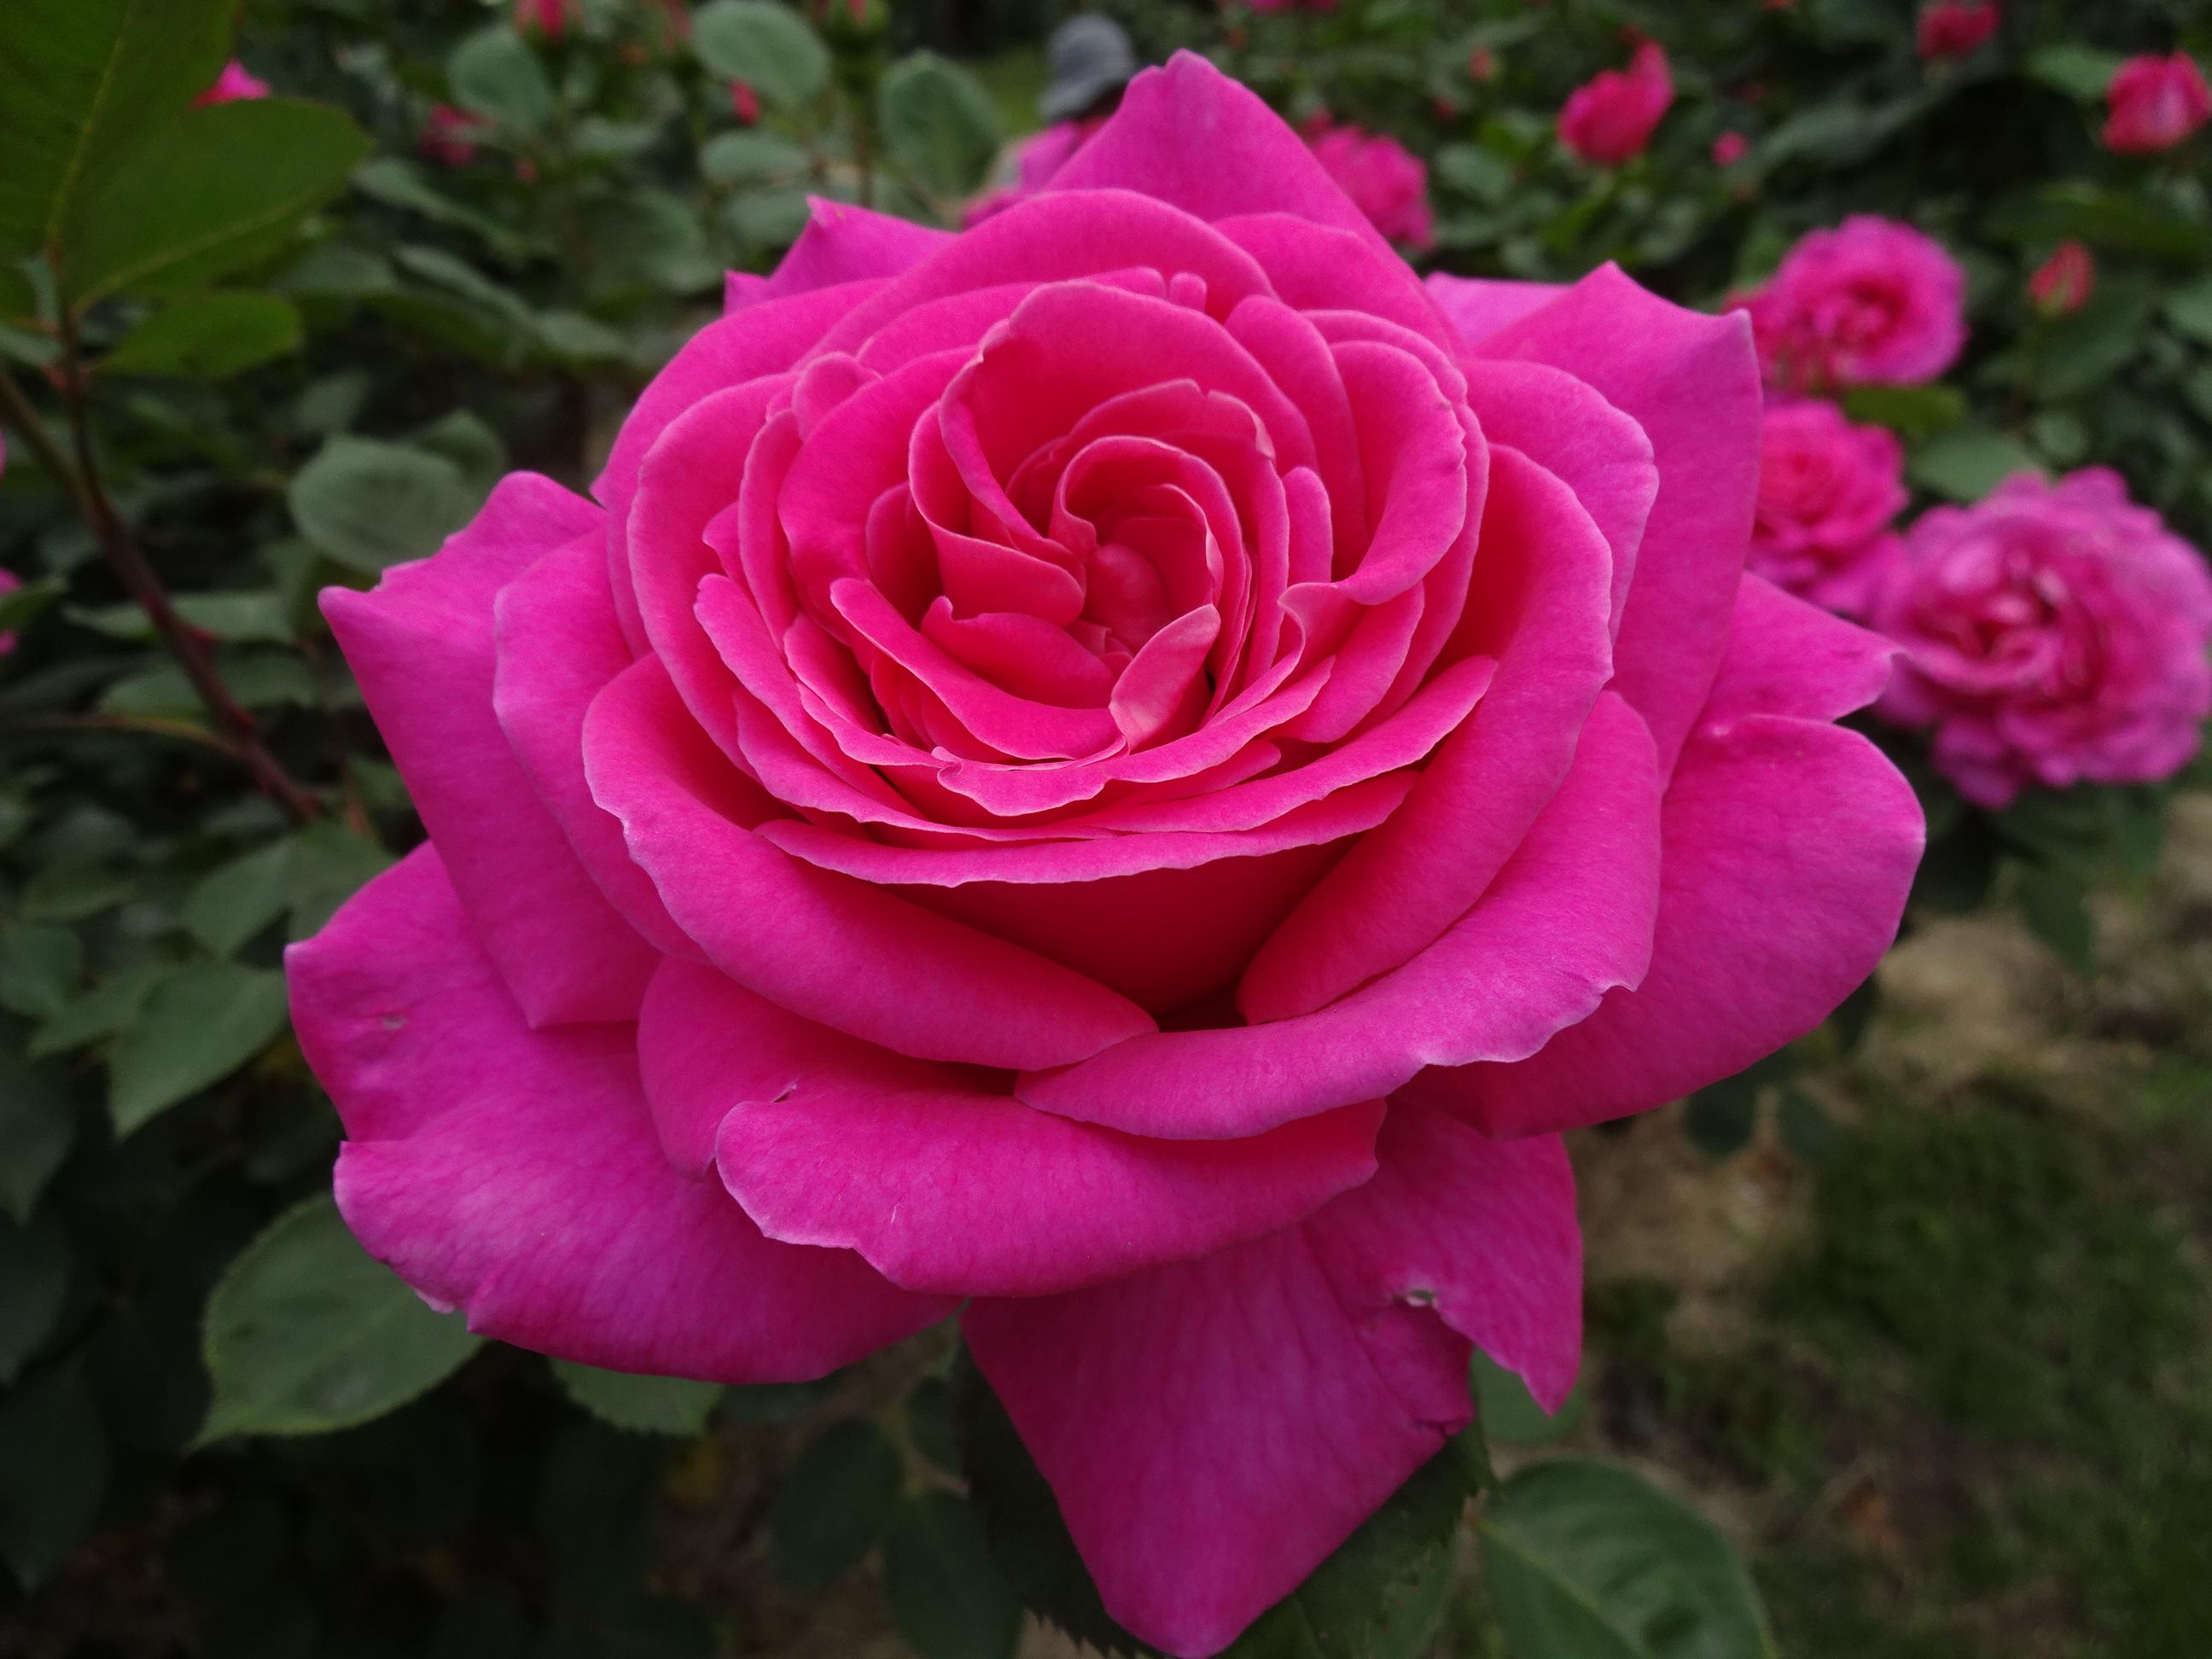 春のバラの時期には、ボタン園のなかにあるシャクヤクも見ごろを迎えます。ちょうどバラ園と同じく、5月下旬~6月中旬が旬。ぜひチェックしてみてください。